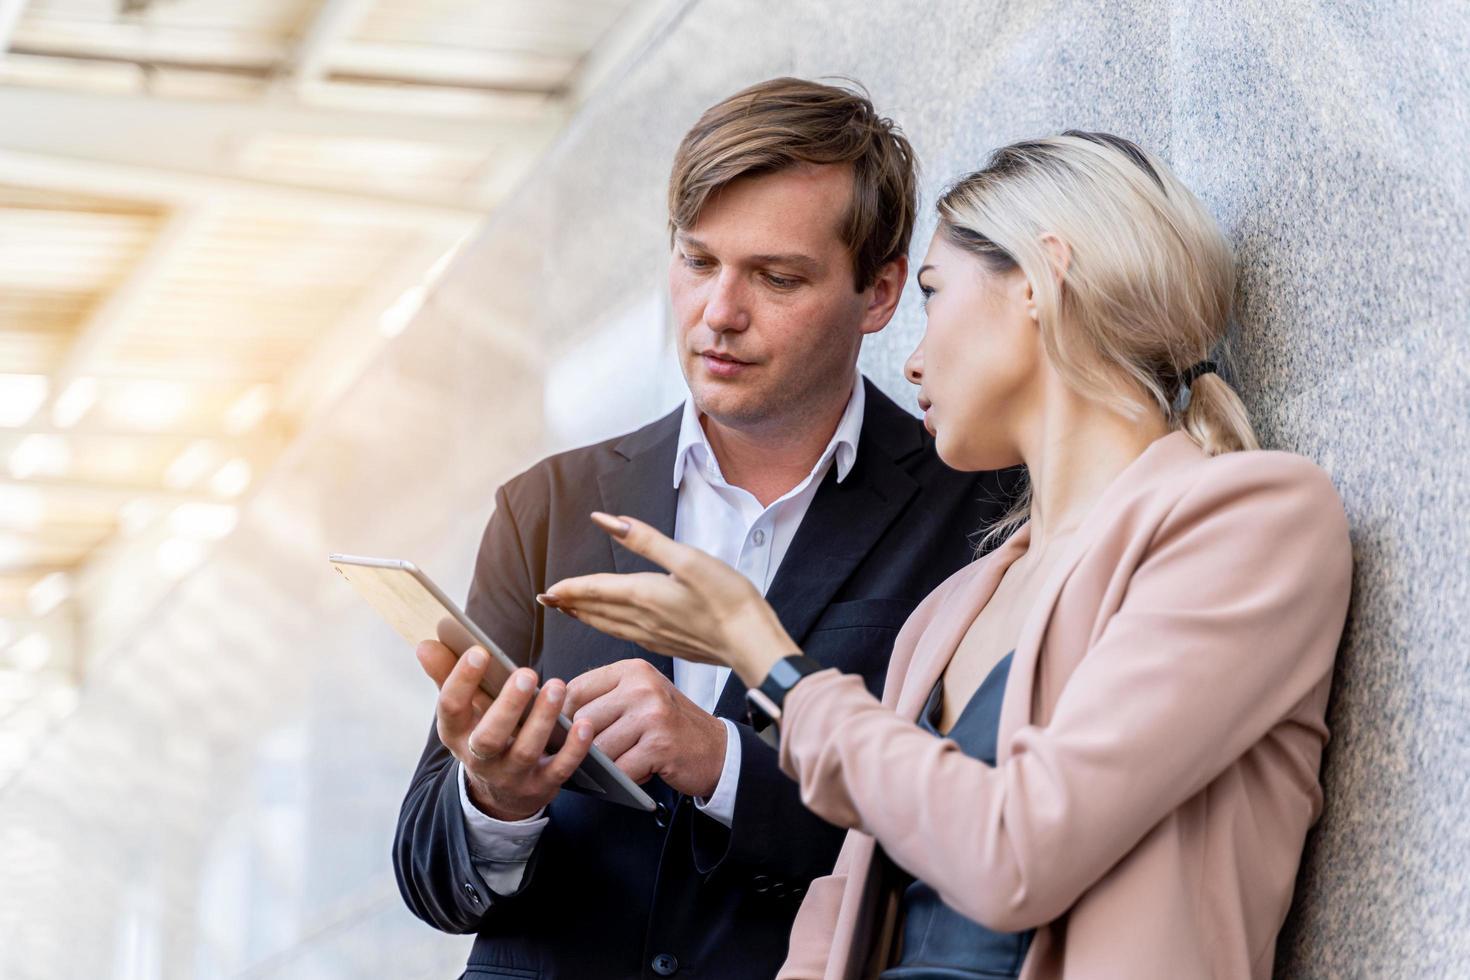 Dos profesionales de negocios discutiendo con tablet foto